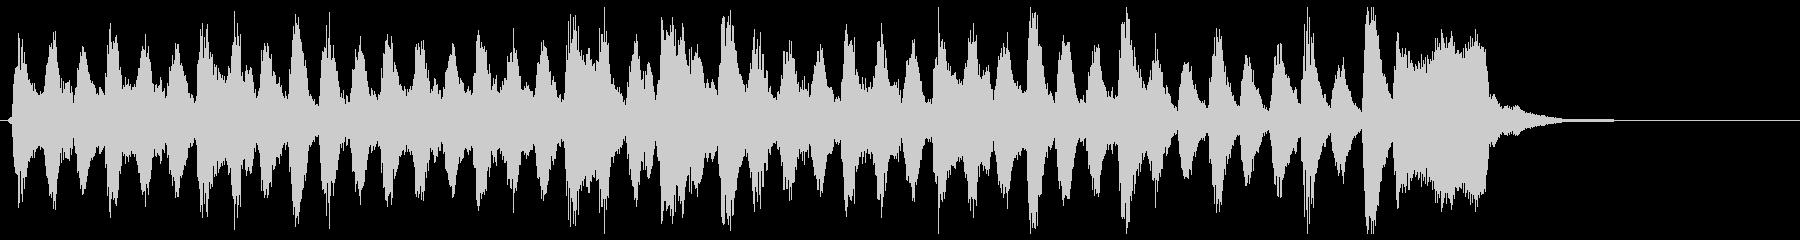 弦楽四重奏、アンティーク、古風なジングルの未再生の波形